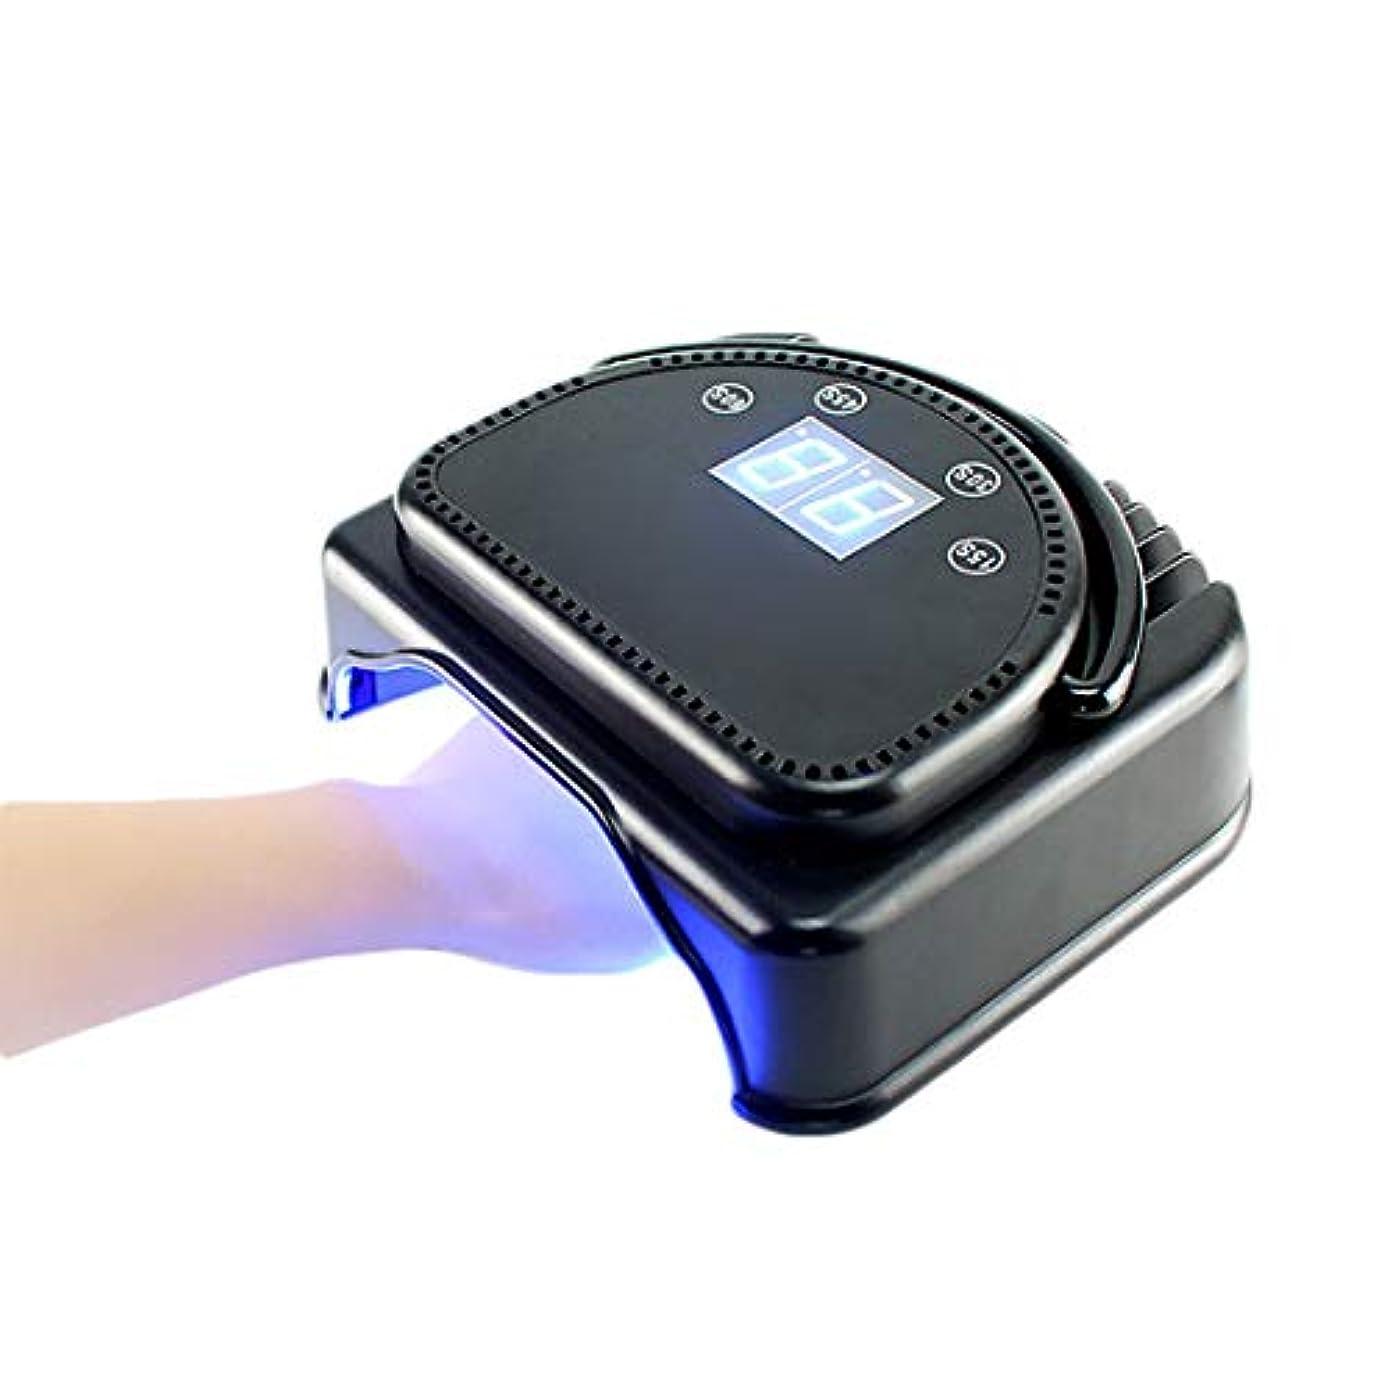 ハイジャック海賊子音シェラックおよびゲルの釘のための64W専門の紫外線およびLEDの釘ランプそして釘のドライヤーの表示